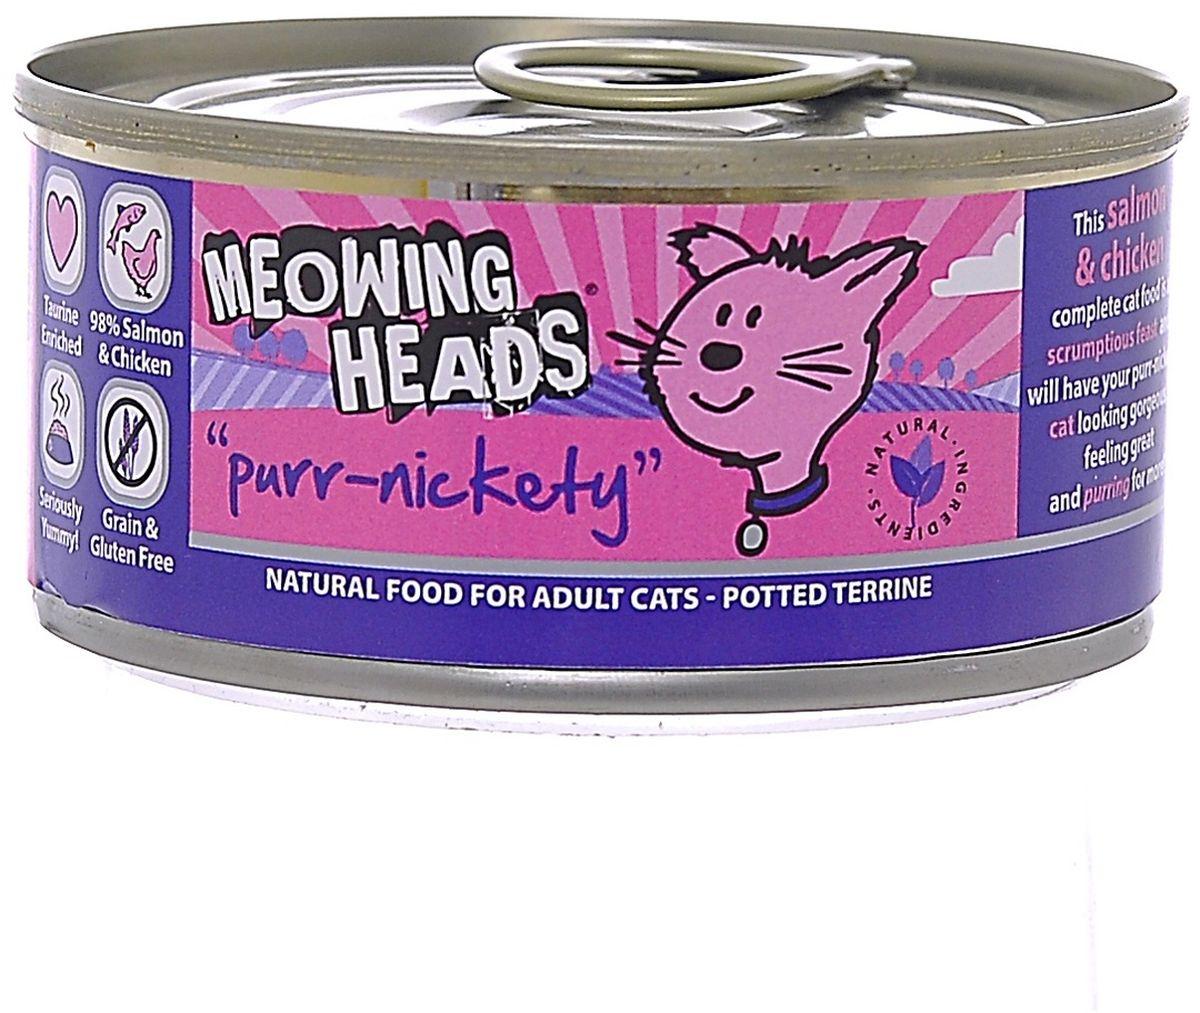 Консервы Barking Heads Мурлыка для кошек, с лососем, курицей и рисом, 100 г0120710Консервы Barking Heads Мурлыка - это обед аристократа. Пусть питомец почувствует всю вашу любовь! Отличный вкус, нежный аромат натурального корма и заботливый хозяин рядом - что еще нужно счастливому питомцу! Консервы можно использовать в качестве полнорационного корма.Состав: 98% курицы и лосося ( 45% лосося, 28% курицы, 25% куриного бульона), минералы, лососевый жир, подсолнечное масло.Гарантированный анализ: белок 10.8%, жиры 6.7%, зола 2.5%, клетчатка 0.4%, влага 79%. Витамины (на кг): D3 200IU/кг, витамин E 30 мг/кг. Комплекс микроэлементов: моногидрат сульфата цинка 15 г, моногидрат сульфата марганца 3 г, иодат кальция 0.75 мг.Товар сертифицирован.